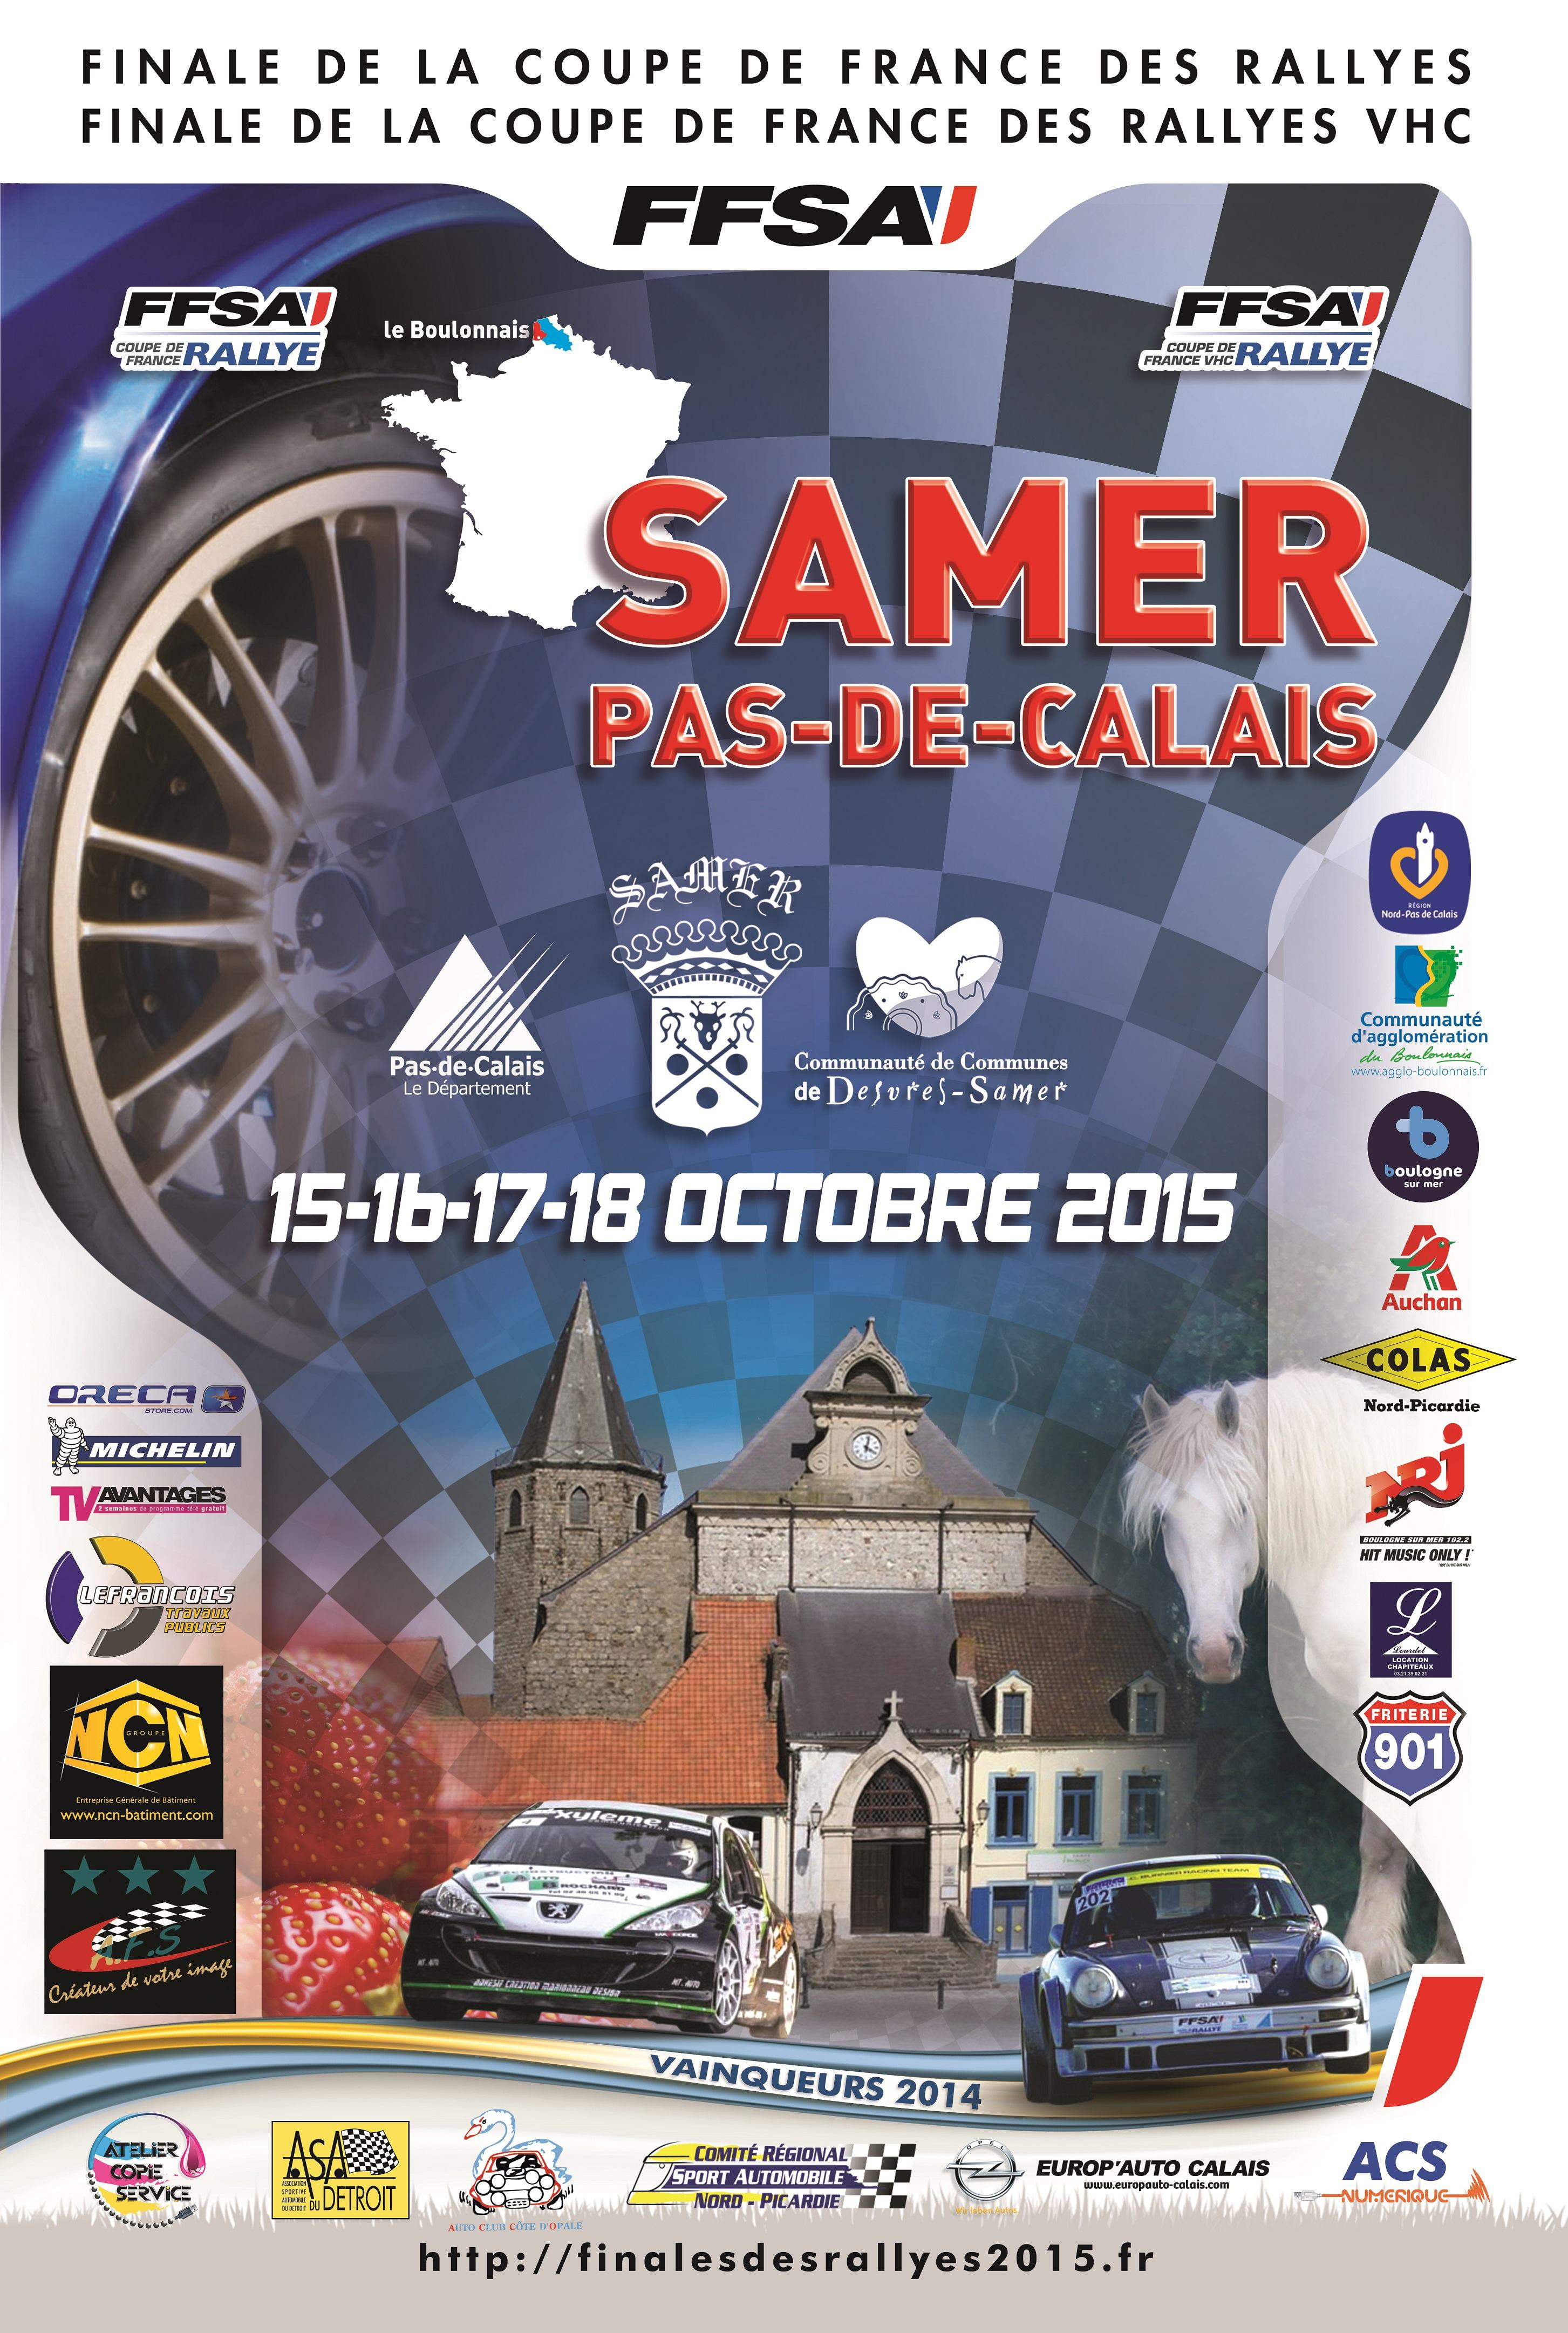 Liste des engag s finale des rallyes 2015 vhc - Calendrier coupe de france des rallyes ...